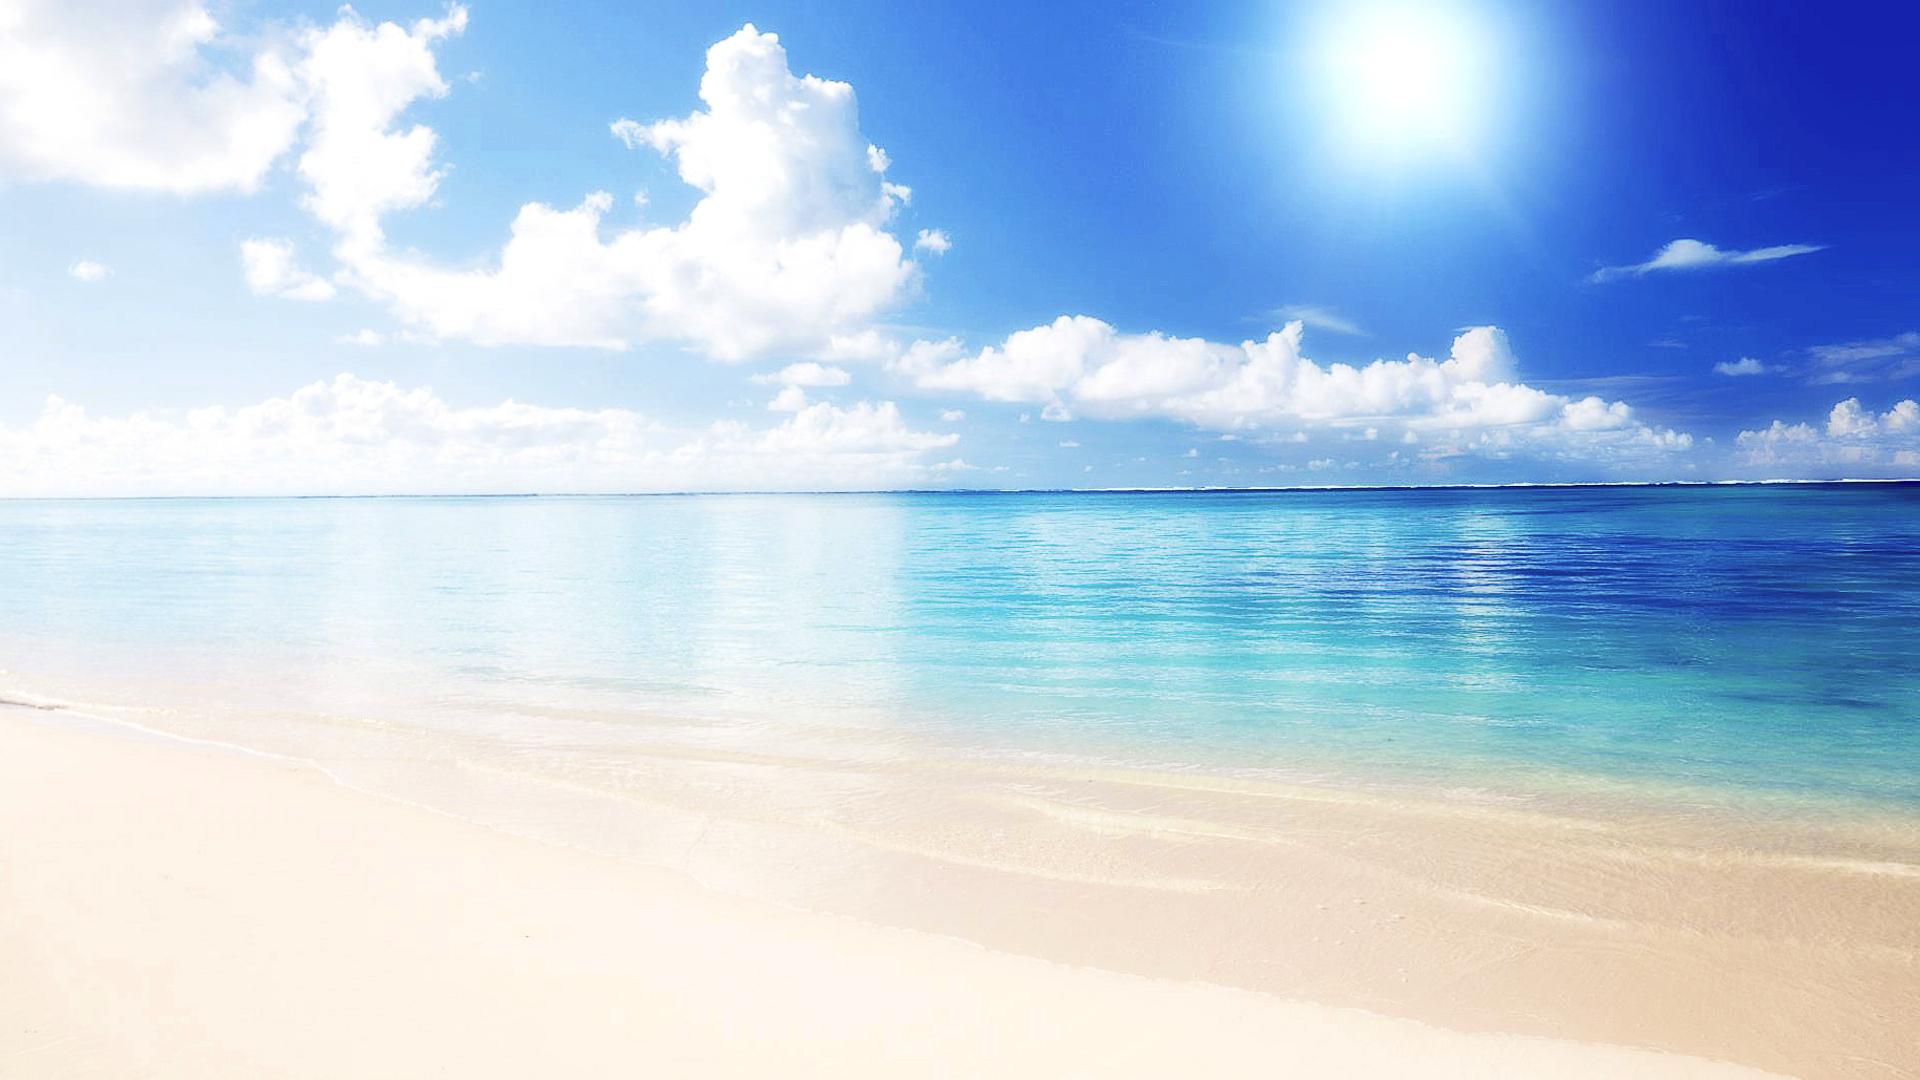 White Beach Hd Desktop Background 923483   HD Wallpaper Download 1920x1080